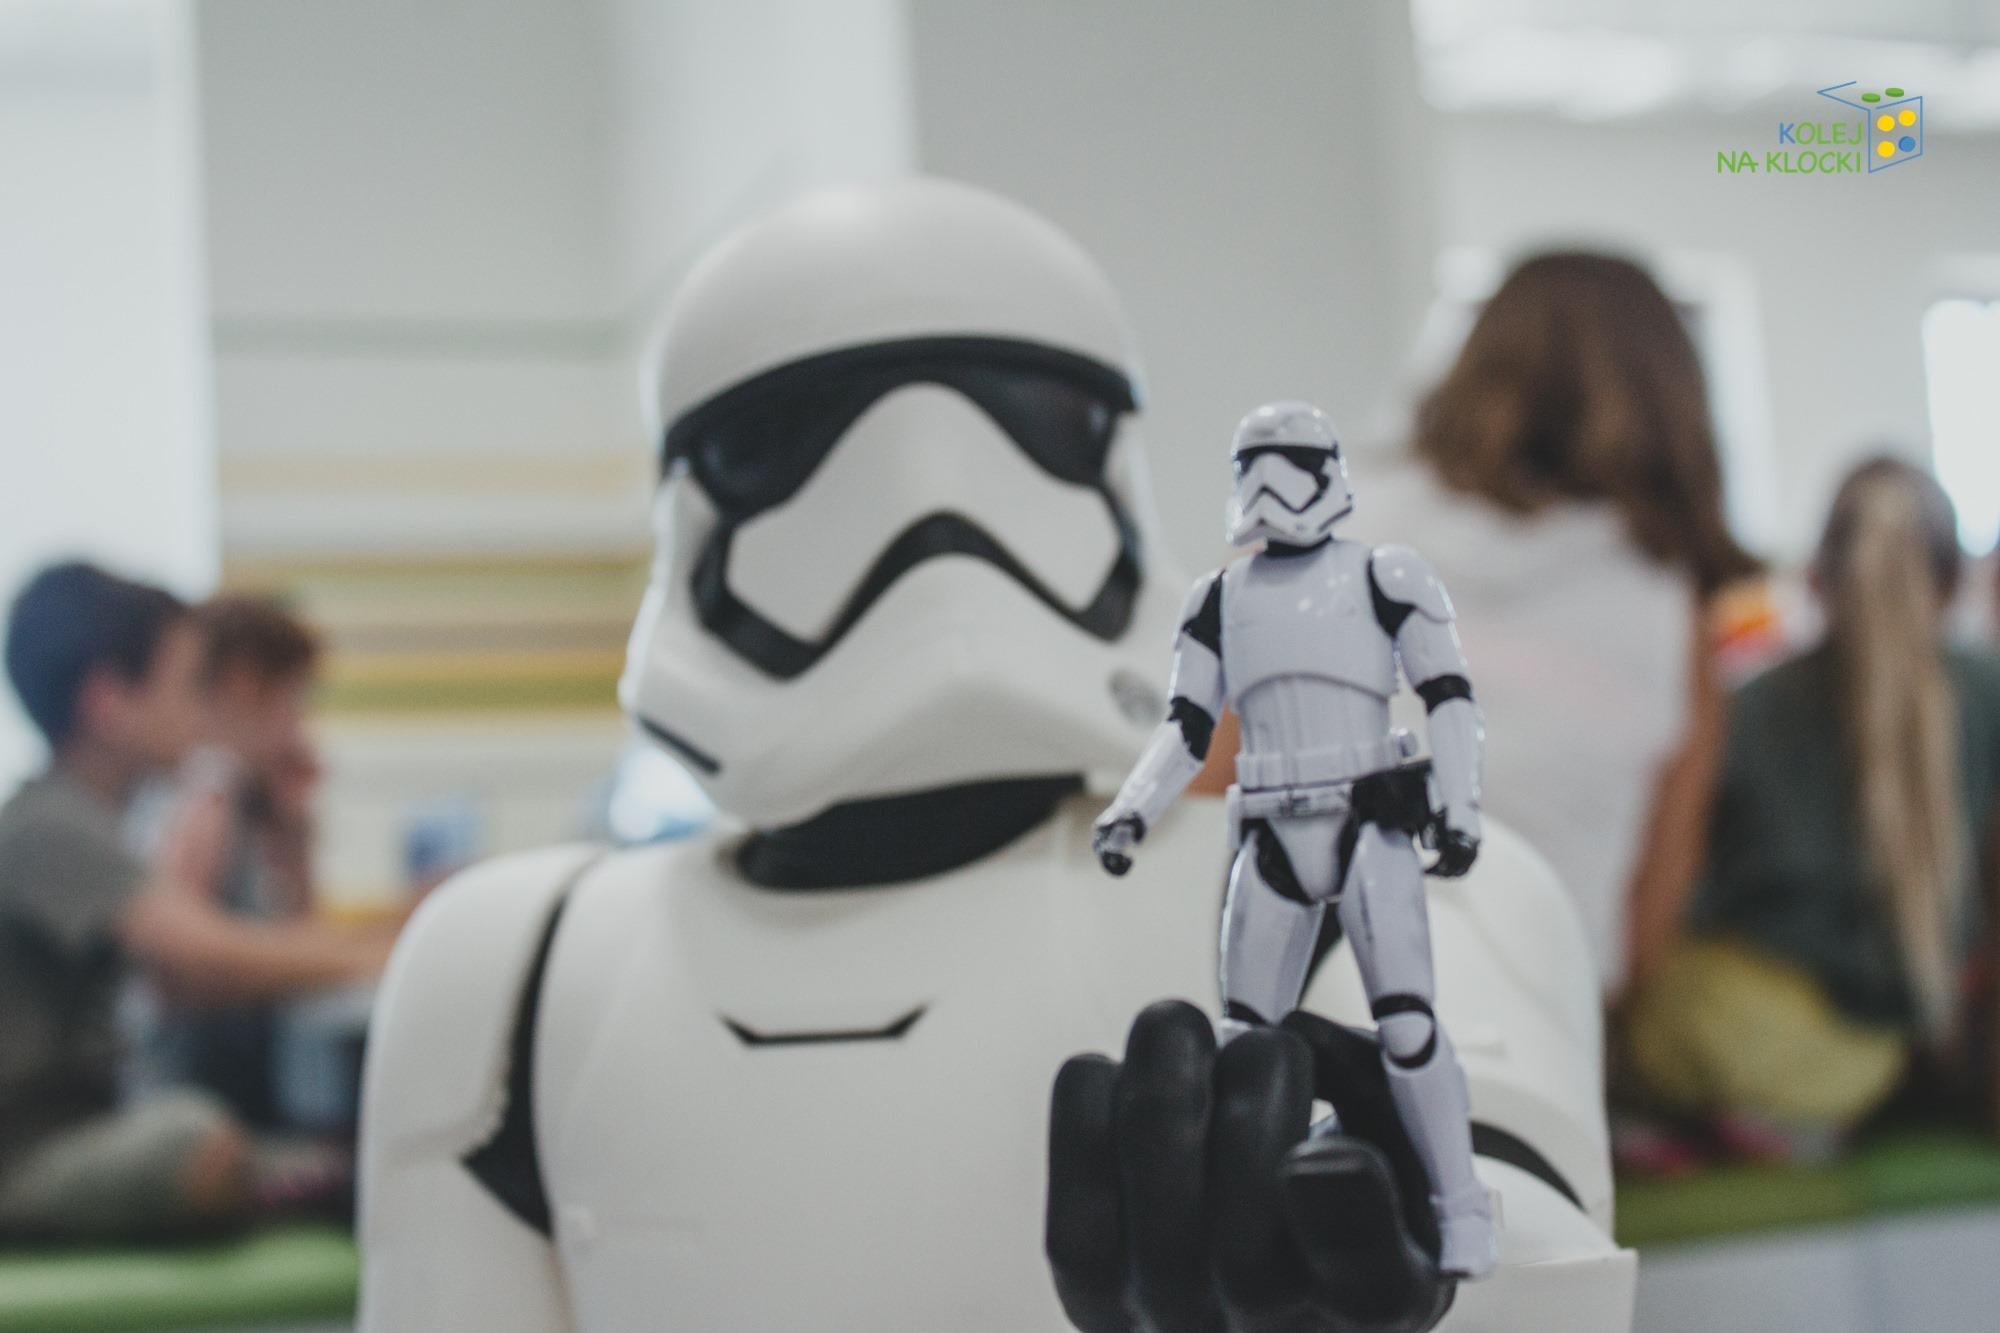 W zeszłym roku organizowaliśmy Star Wars Day, co będzie w tym?